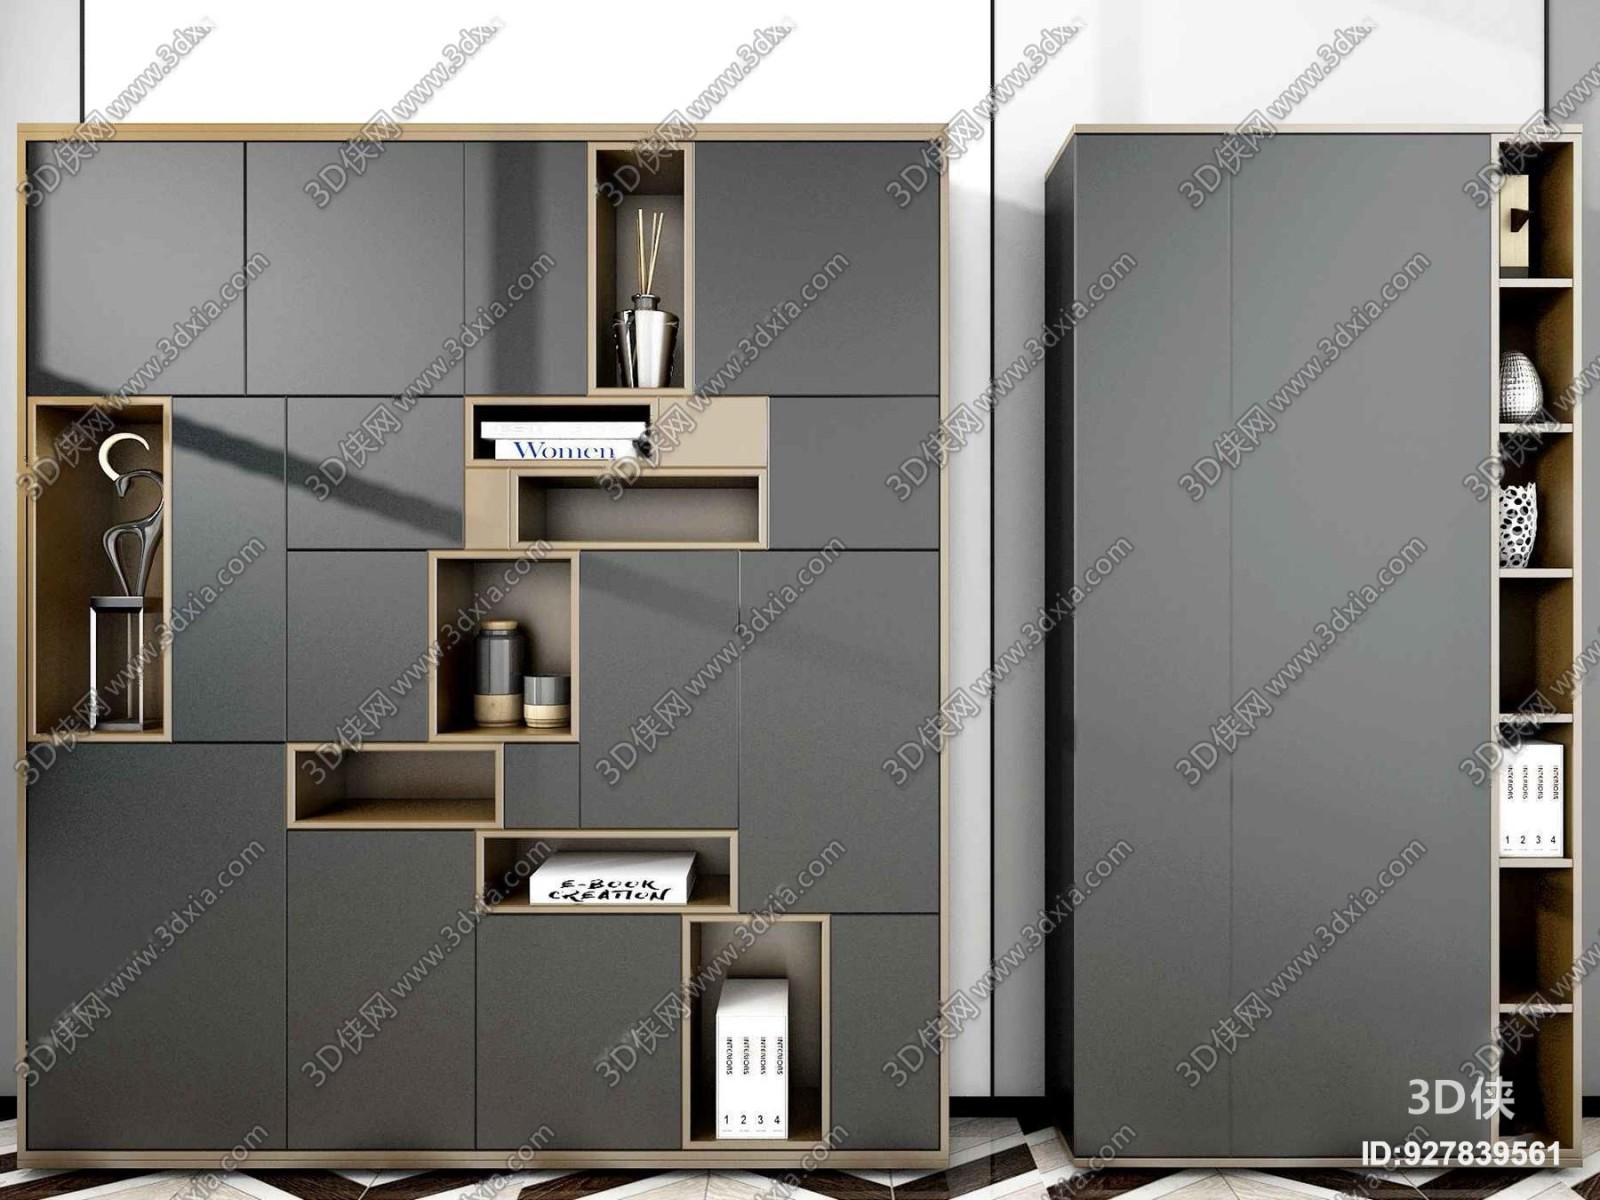 现代风格书柜  效果图素材免费下载,本作品主题是现代轻奢装饰柜书柜